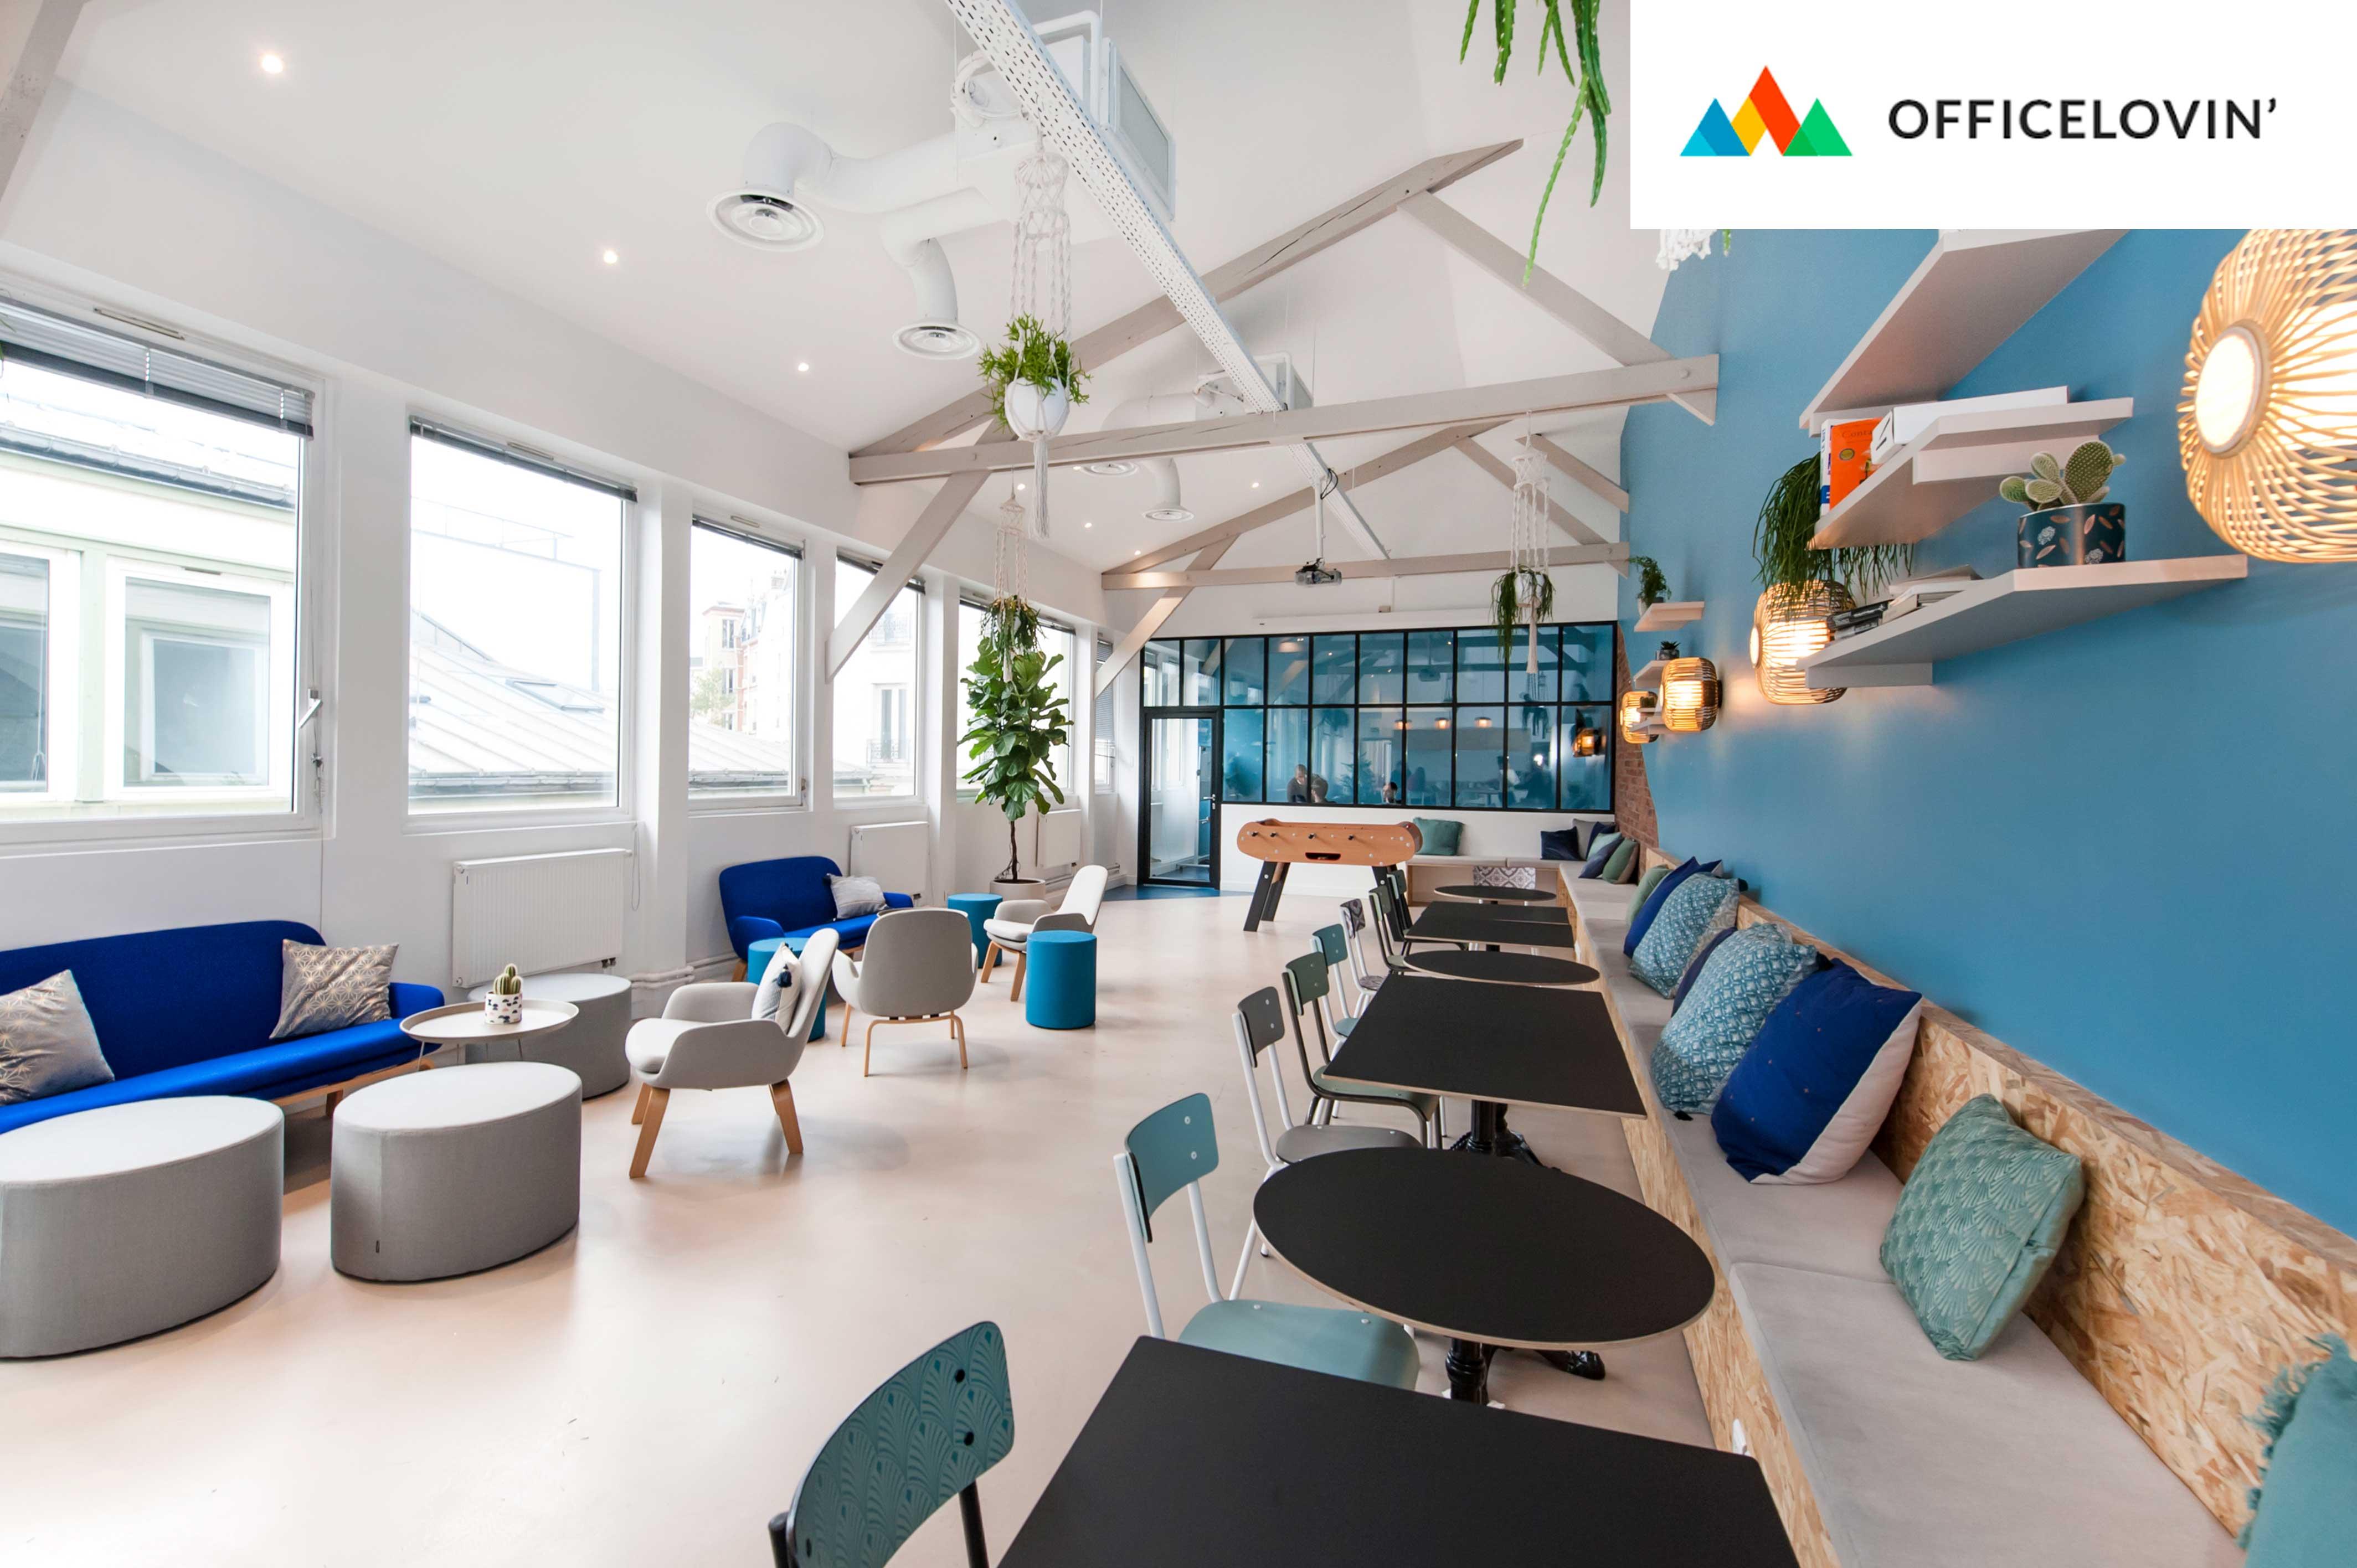 Les nouveaux locaux FoodChéri imaginés par Factory dans Office Lovin